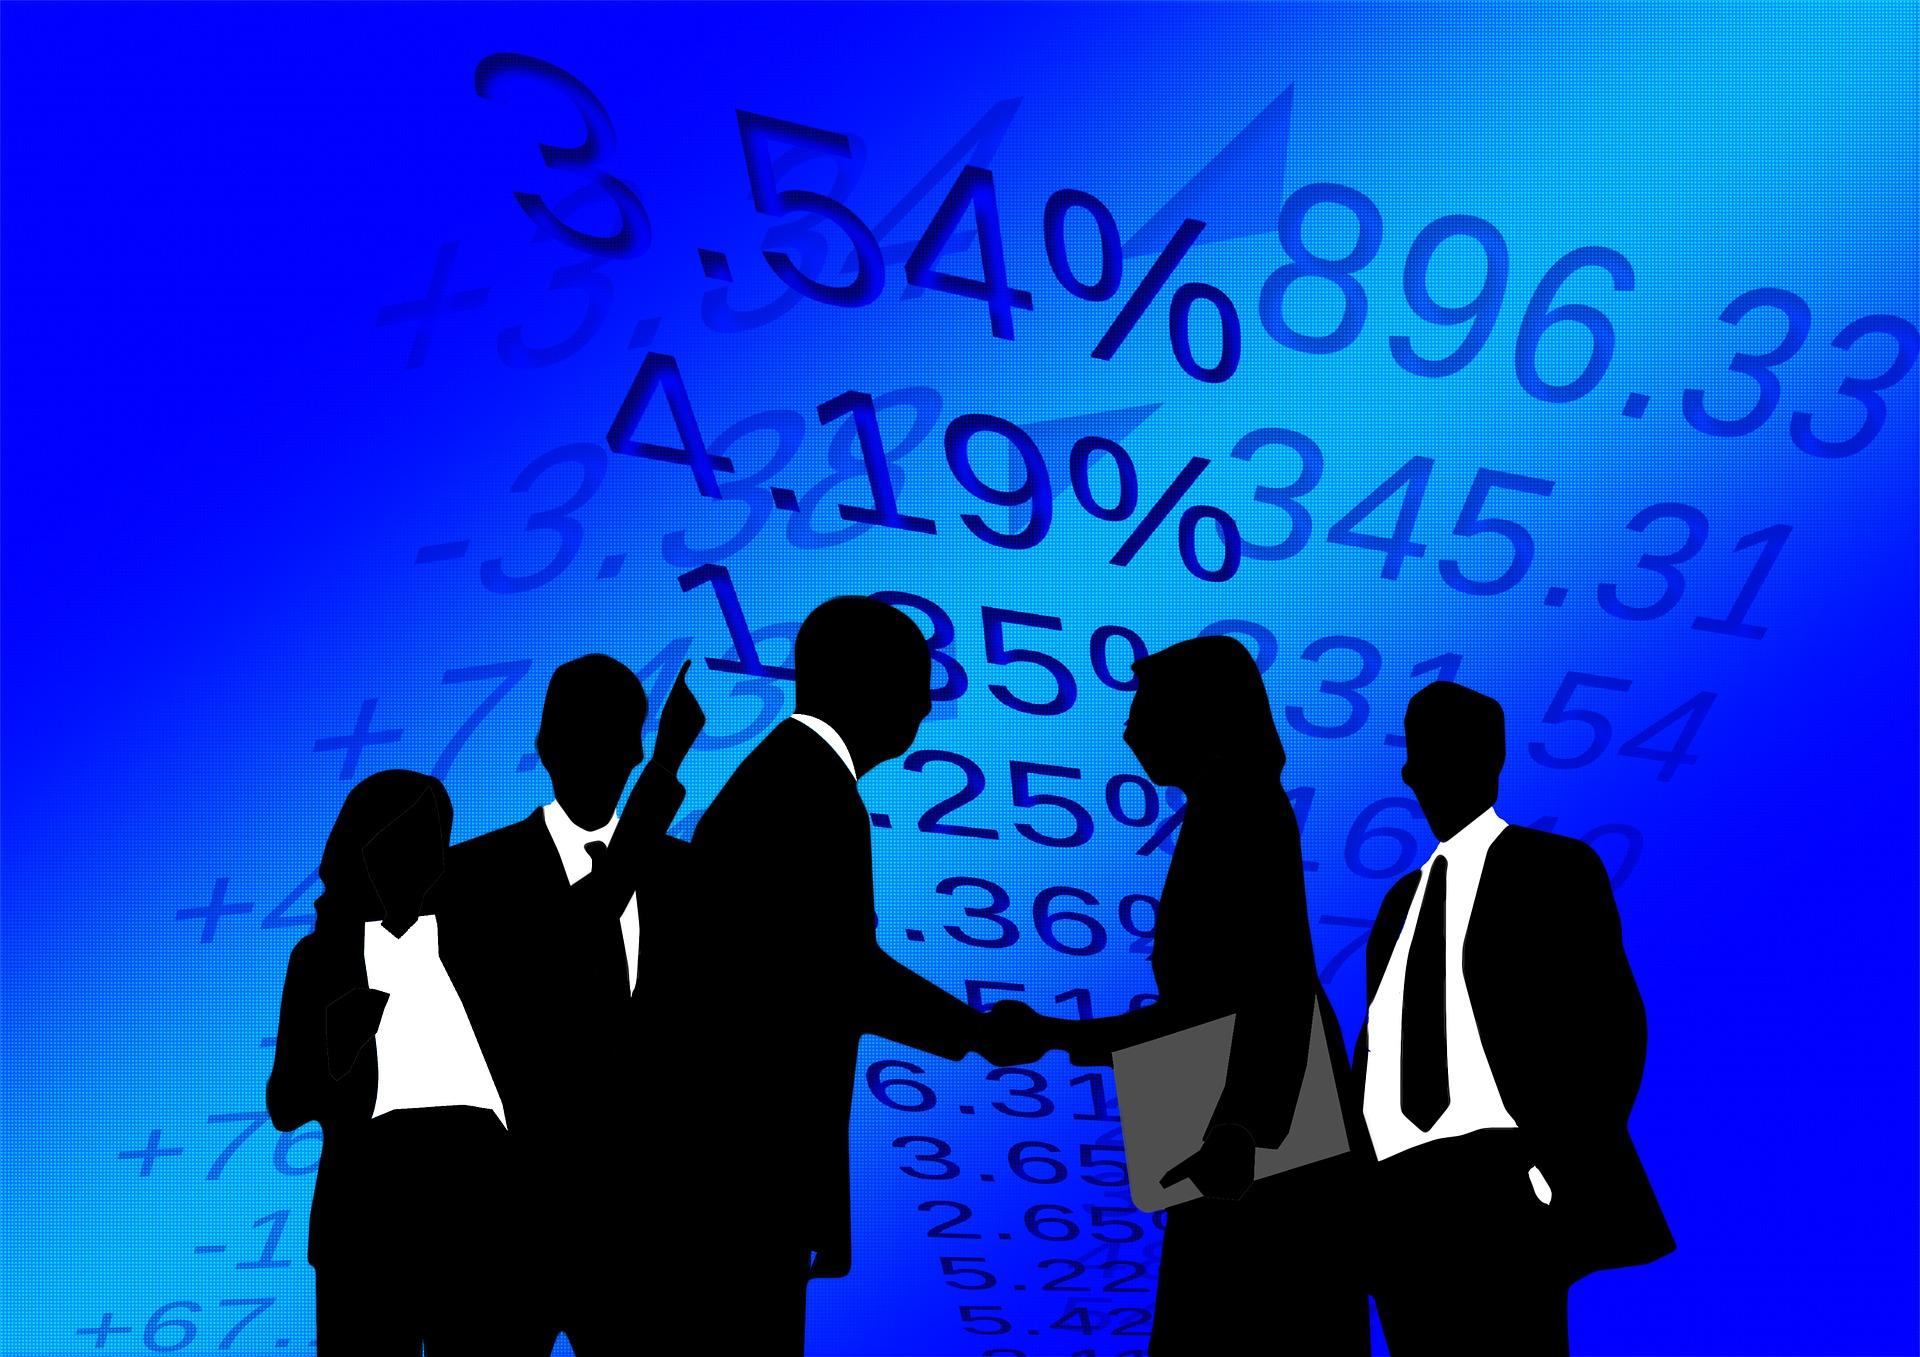 Gestiona la política de RRHH en la empresa pública de forma eficaz